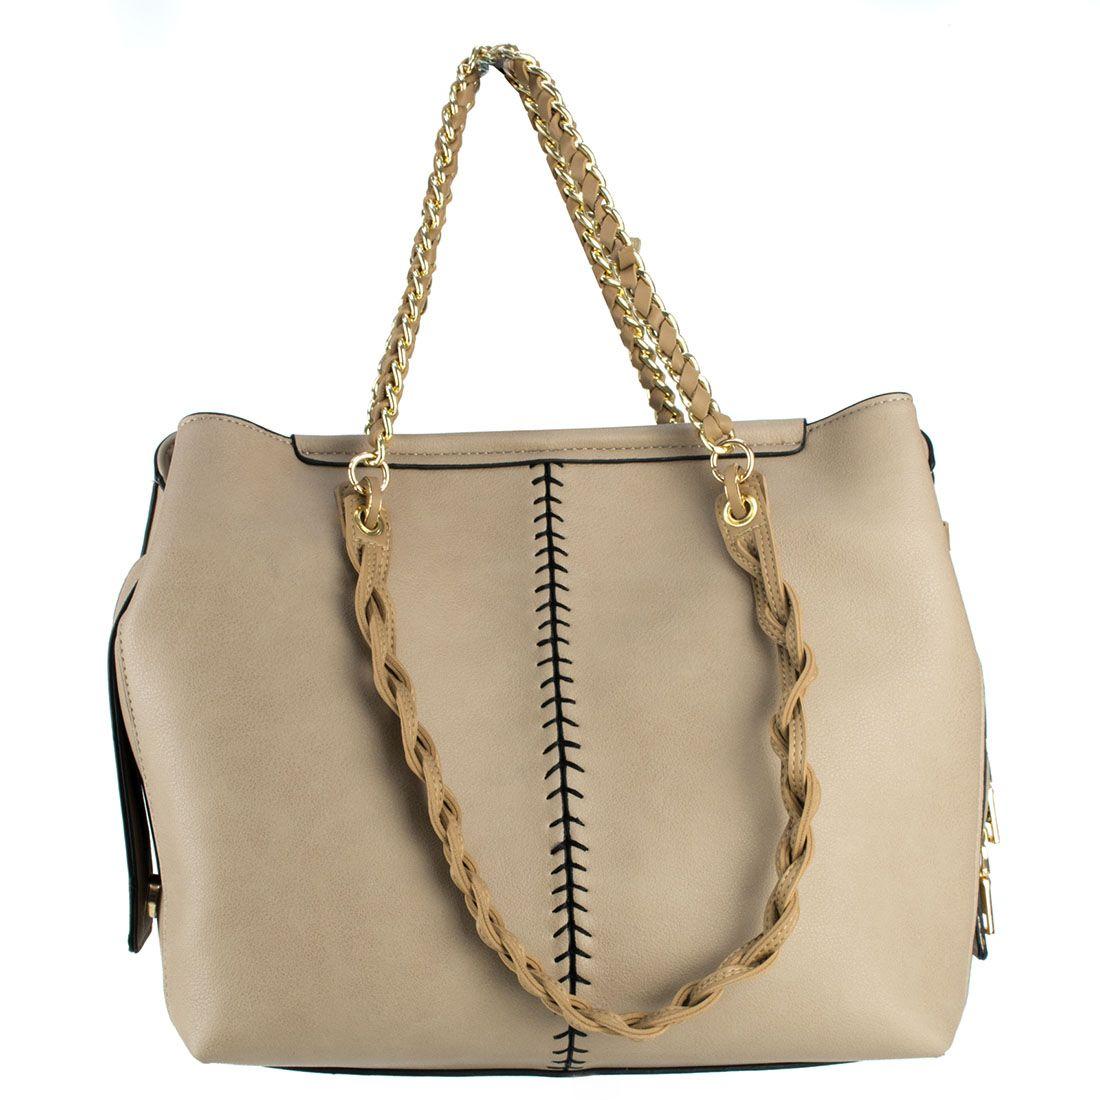 18a652a6057 Μπεζ τσάντα με πλεκτό λουράκι